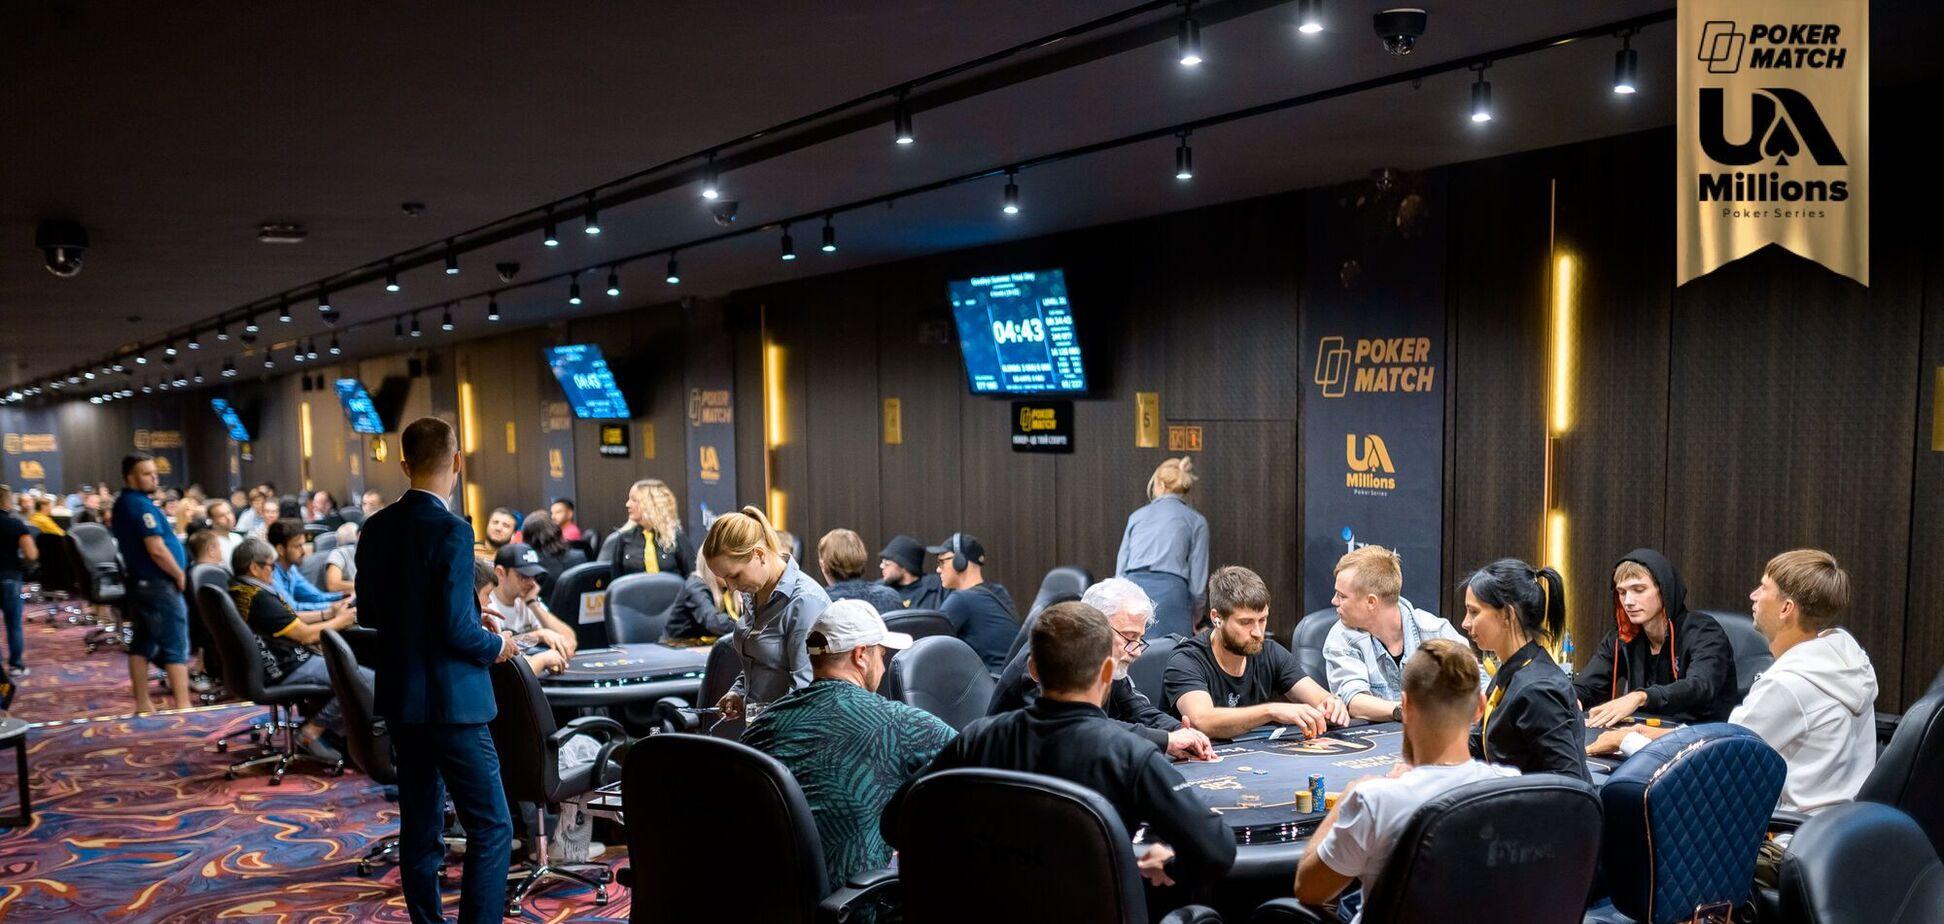 Великий покер підкорює Україну: на серії PokerMatch UA Millions в Одесі розіграли понад 10 млн гривень